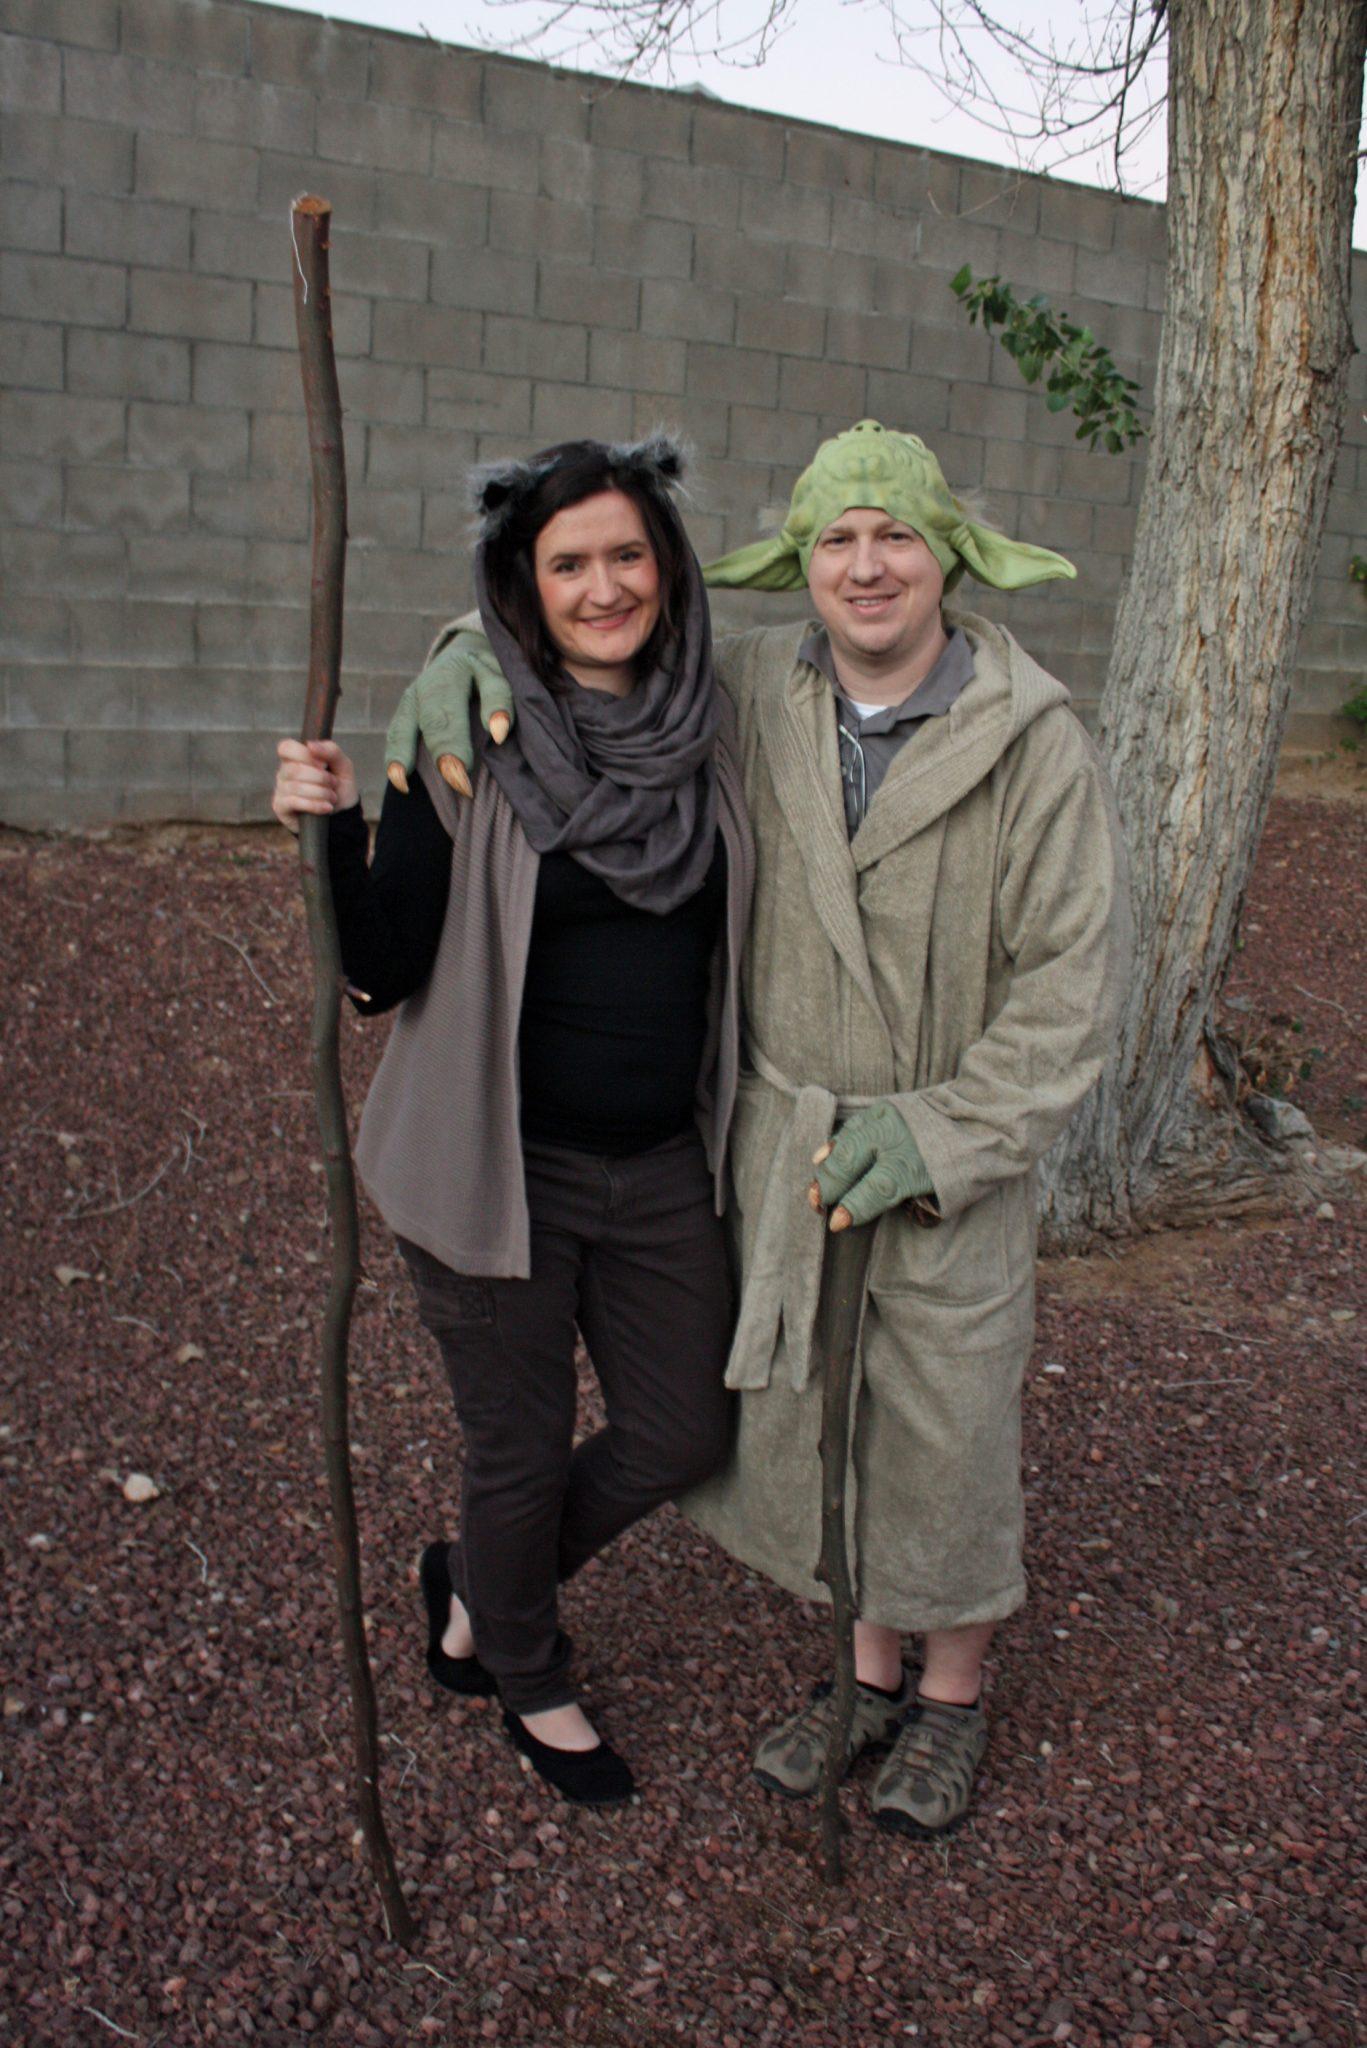 Ewok and Yoda